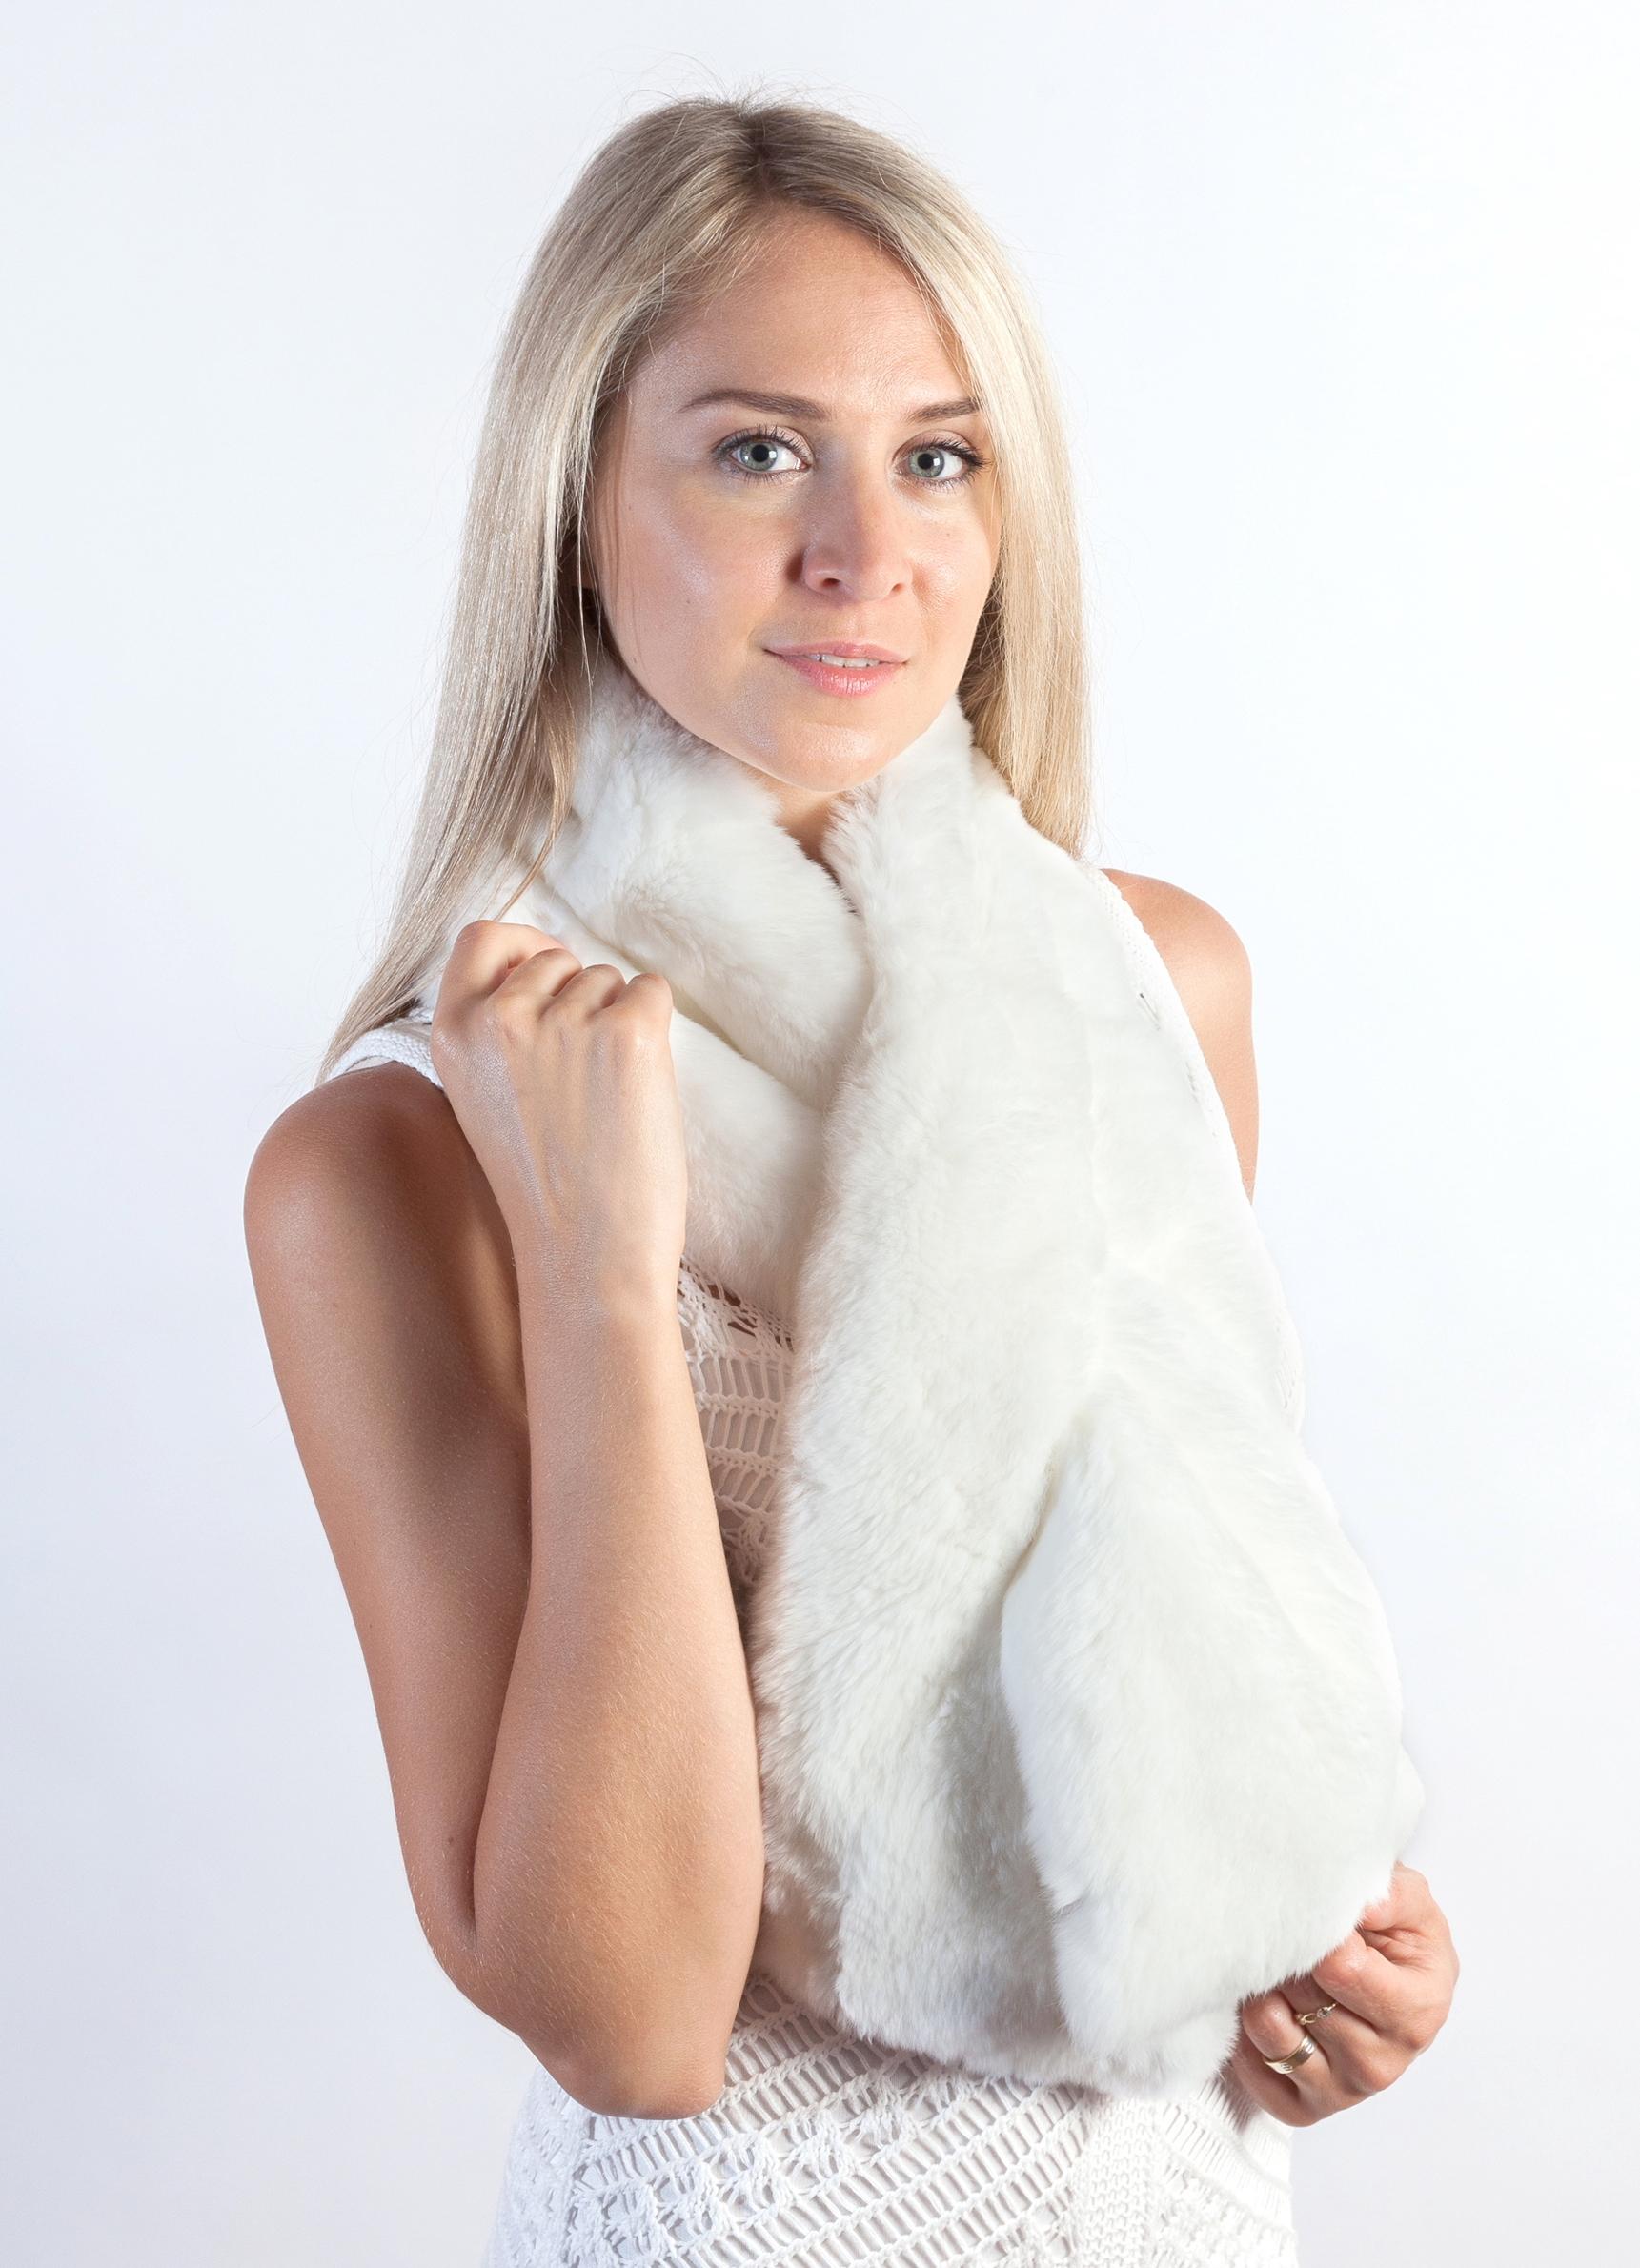 Per la collezione completa degli accessori in bianca pelliccia naturale  ideali per le spose d inverno visitate lo store online weddingfur.it e9b8d95c2d05